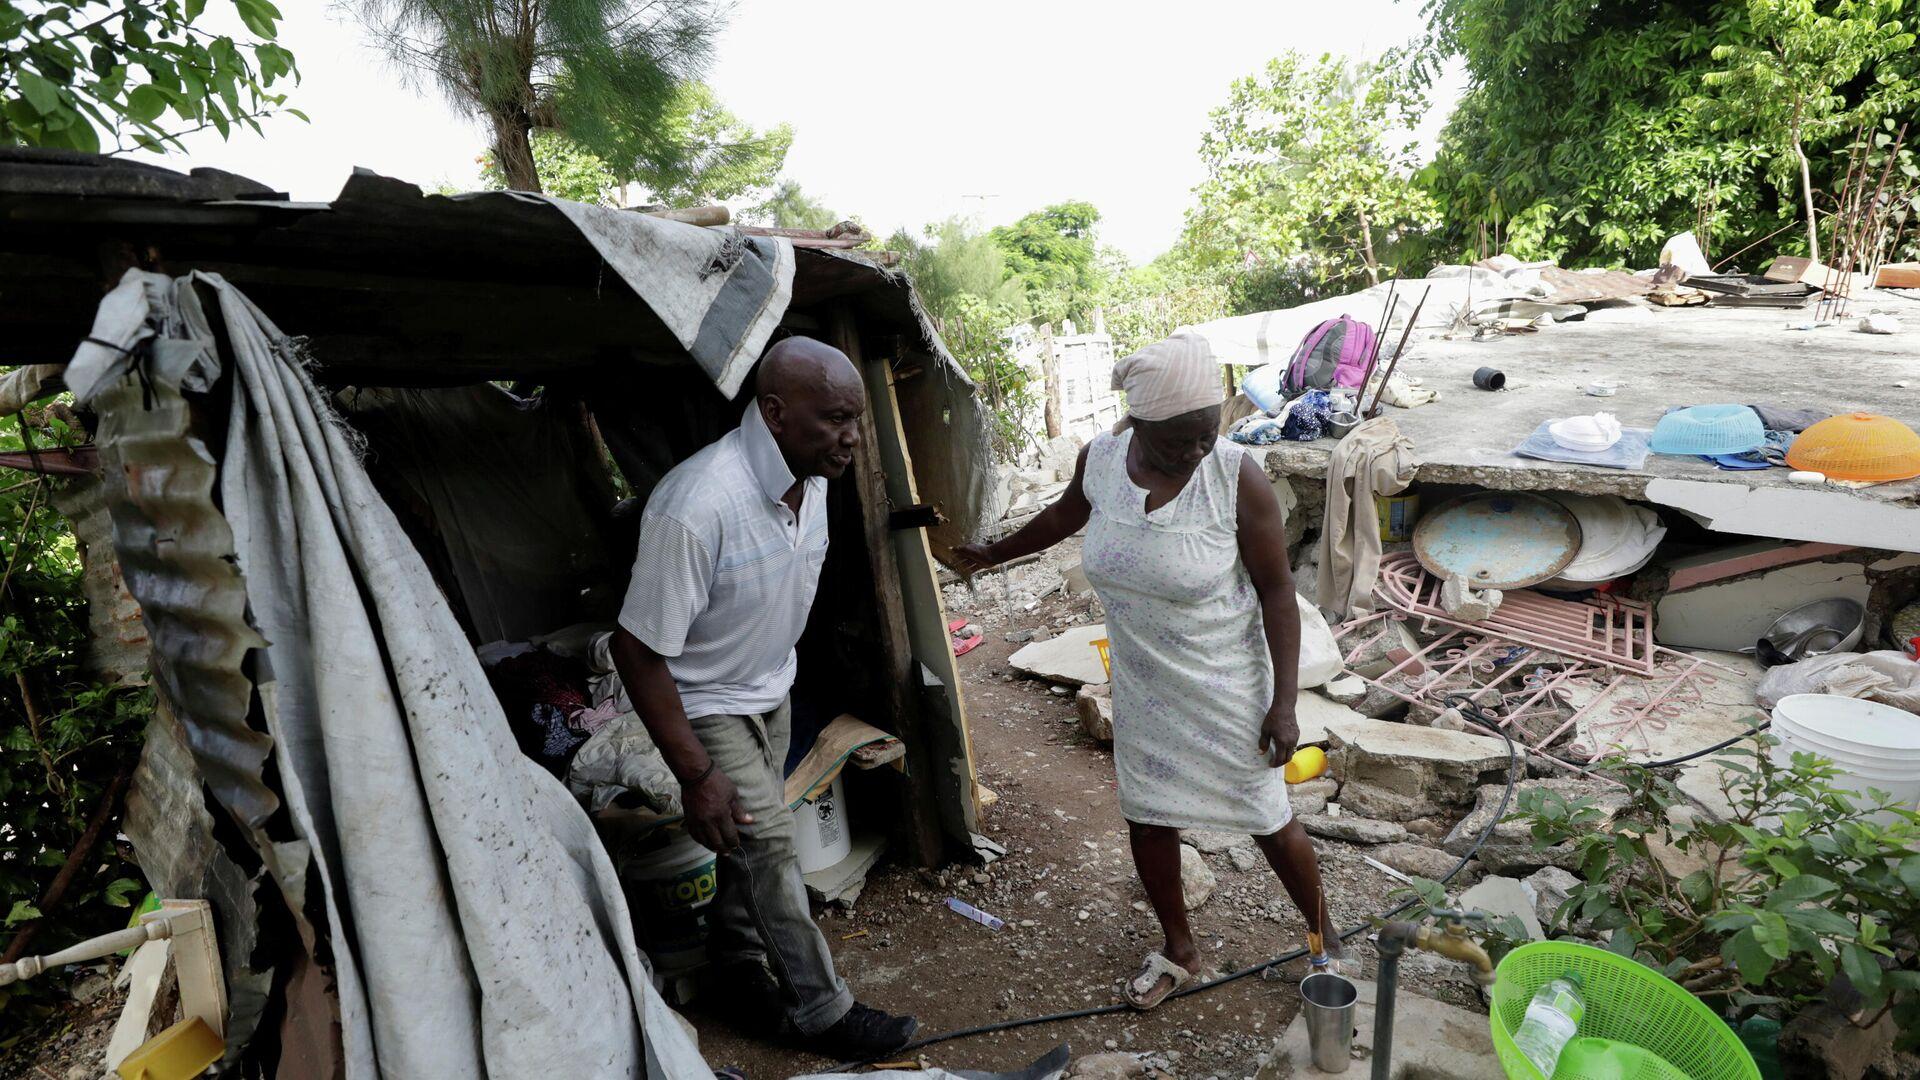 Consecuencias del terremoto en Haití  - Sputnik Mundo, 1920, 23.08.2021